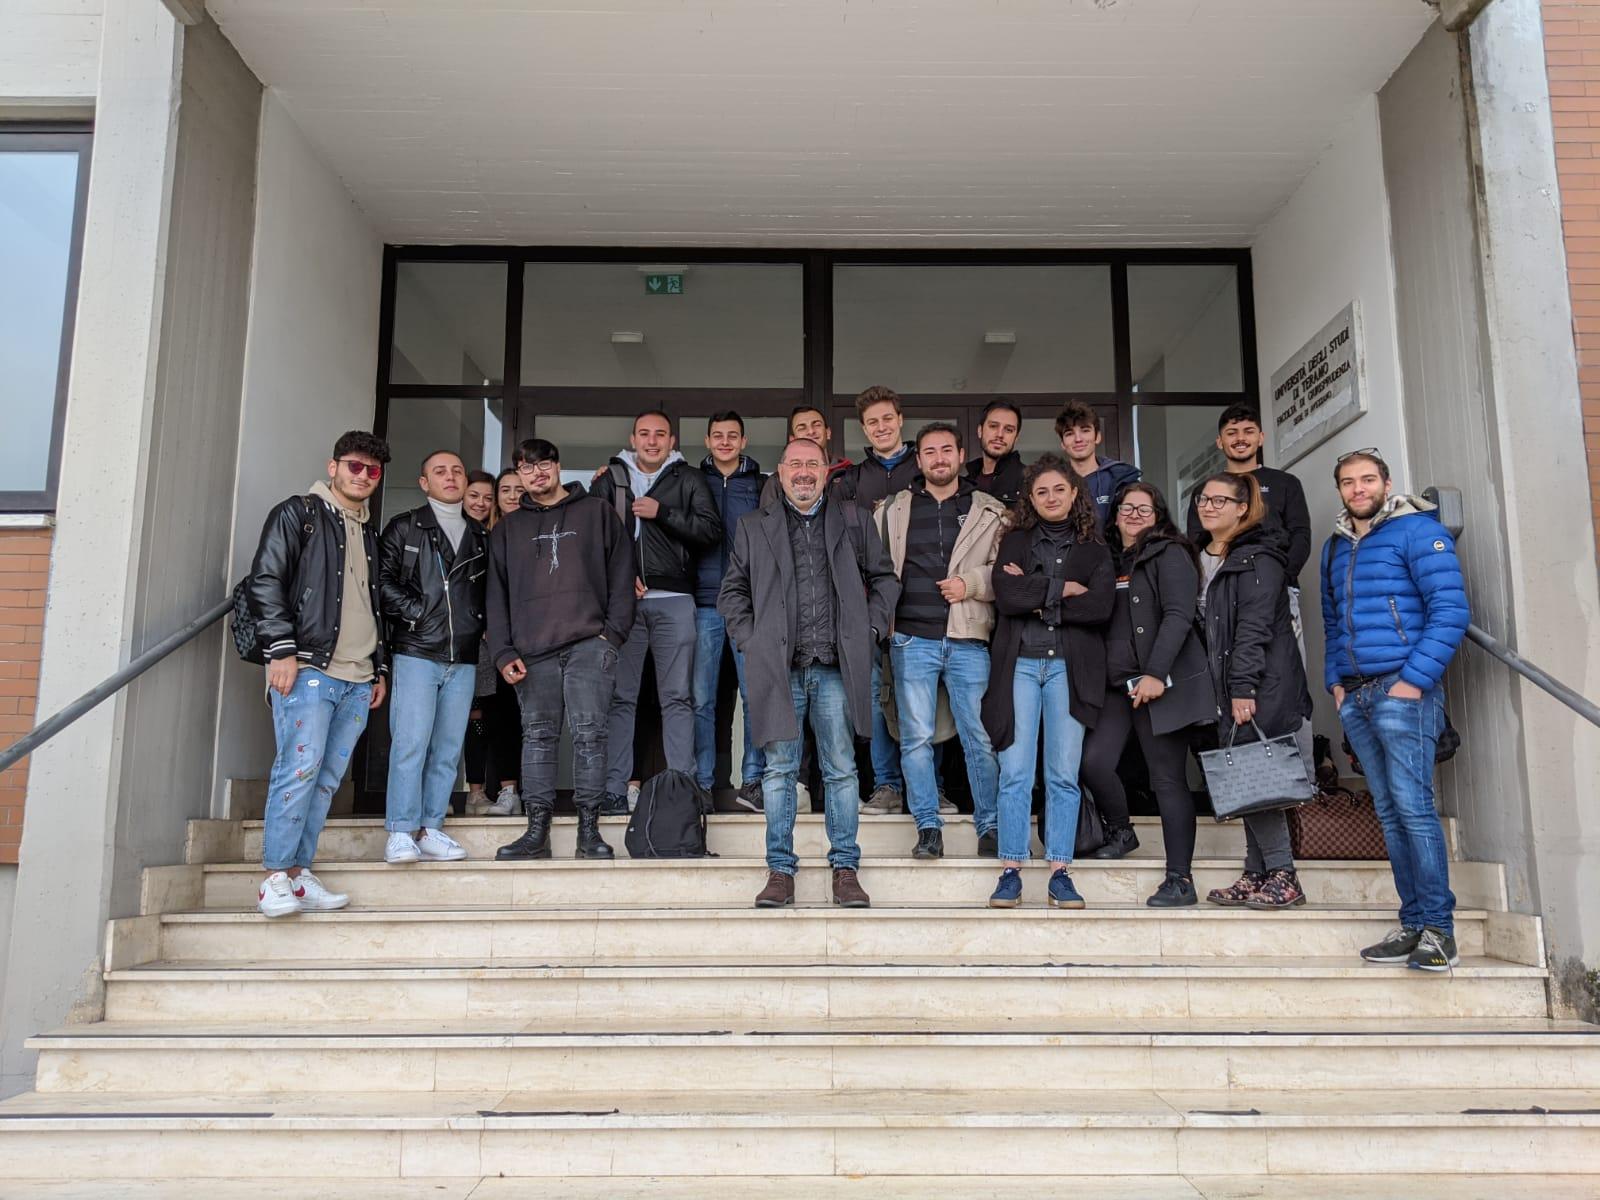 Studenti e docenti trovano chiusa la facoltà di giurisprudenza ad Avezzano e restano fuori